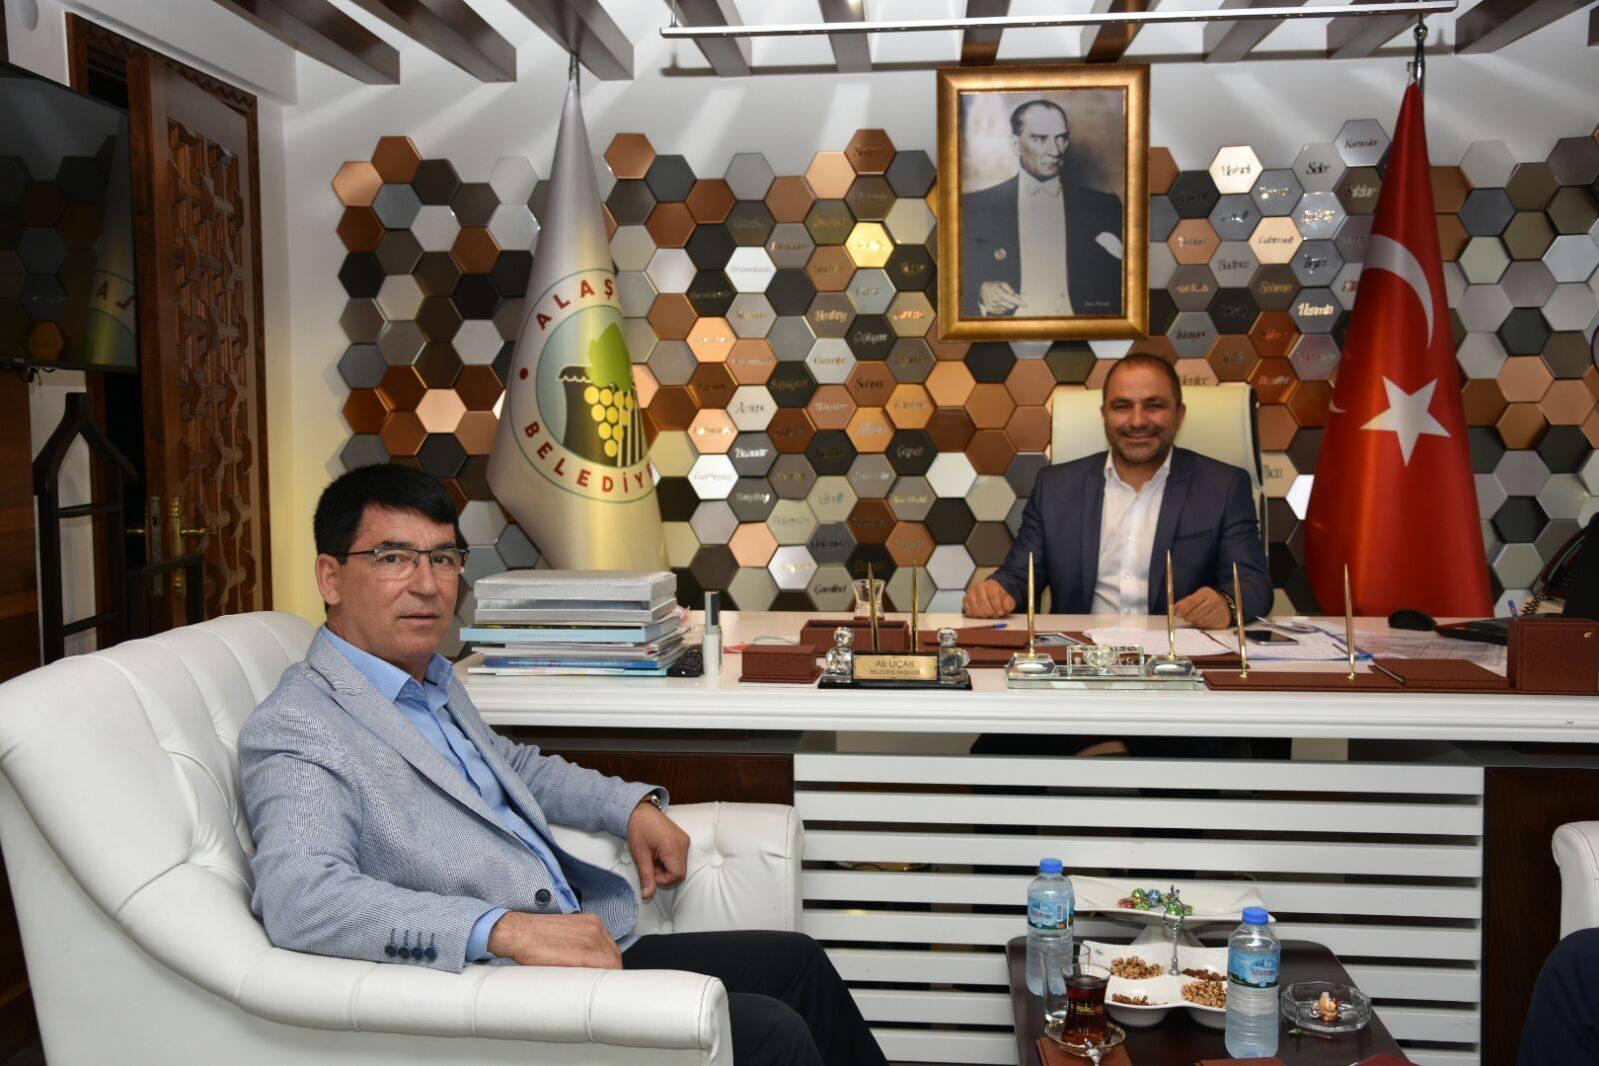 Şoförler ve Otomobilciler Odası Başkanı Syn.Şevki Ağırbaş, Alaşehir Belediye Başkanımız Ali Uçak'ı makamın da ziyaret ederek hayırlı olsun dileklerini iletti.